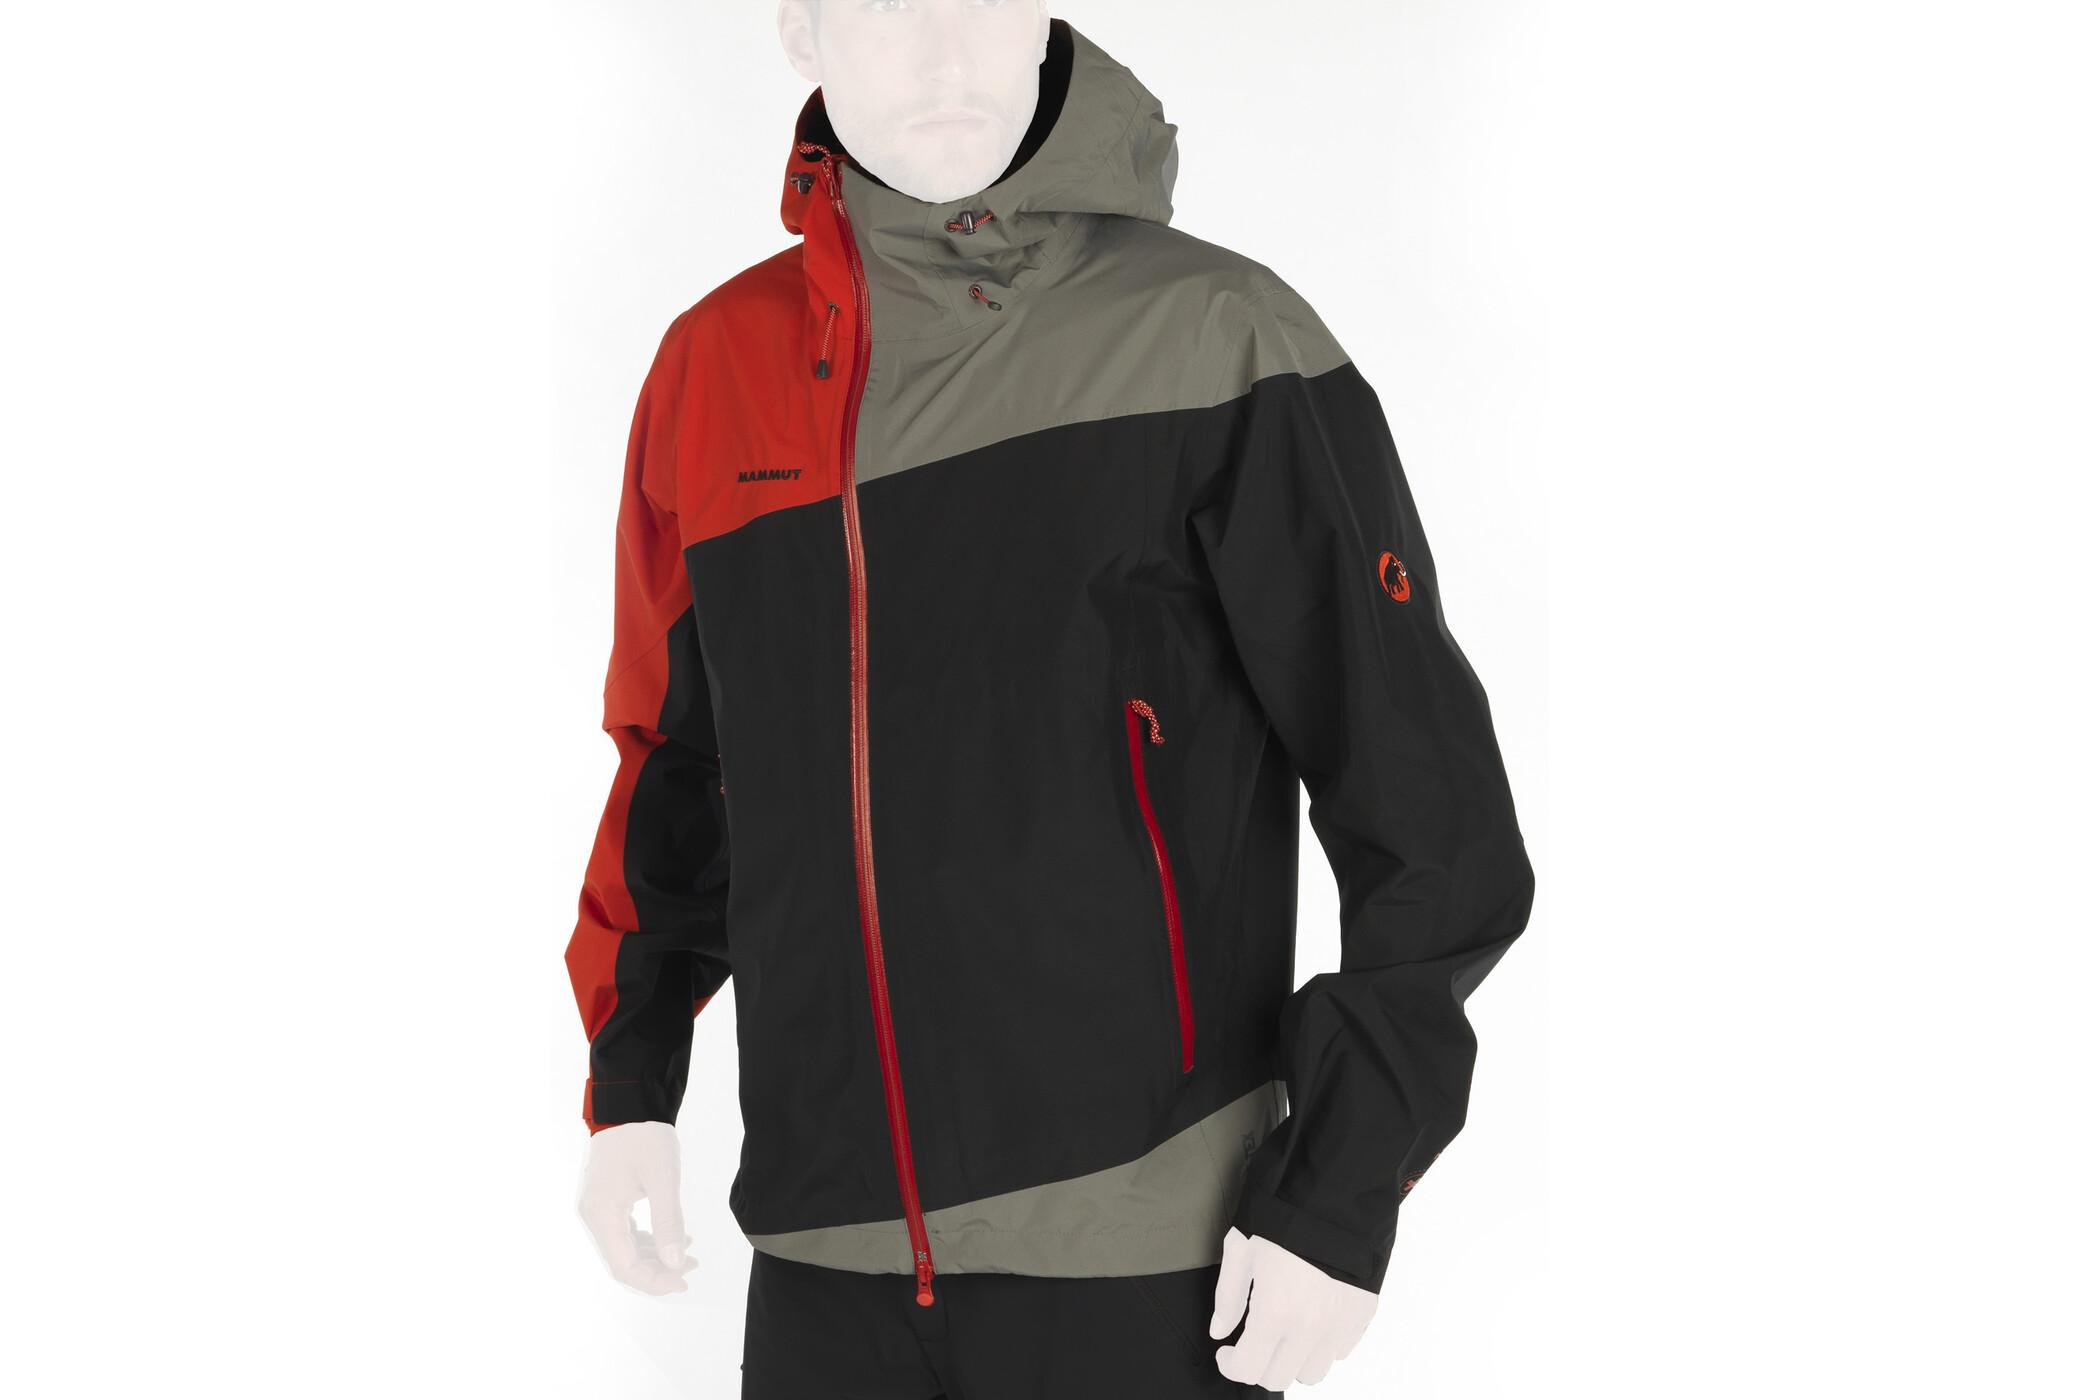 Mammut Rainier Jacket Men black-inferno - Auslaufware XXL jacke~oberteil~Bekleidung~Outdoor~outdoorjacke~outdoorbekleidung~hardshelljacke~hardshell jacke